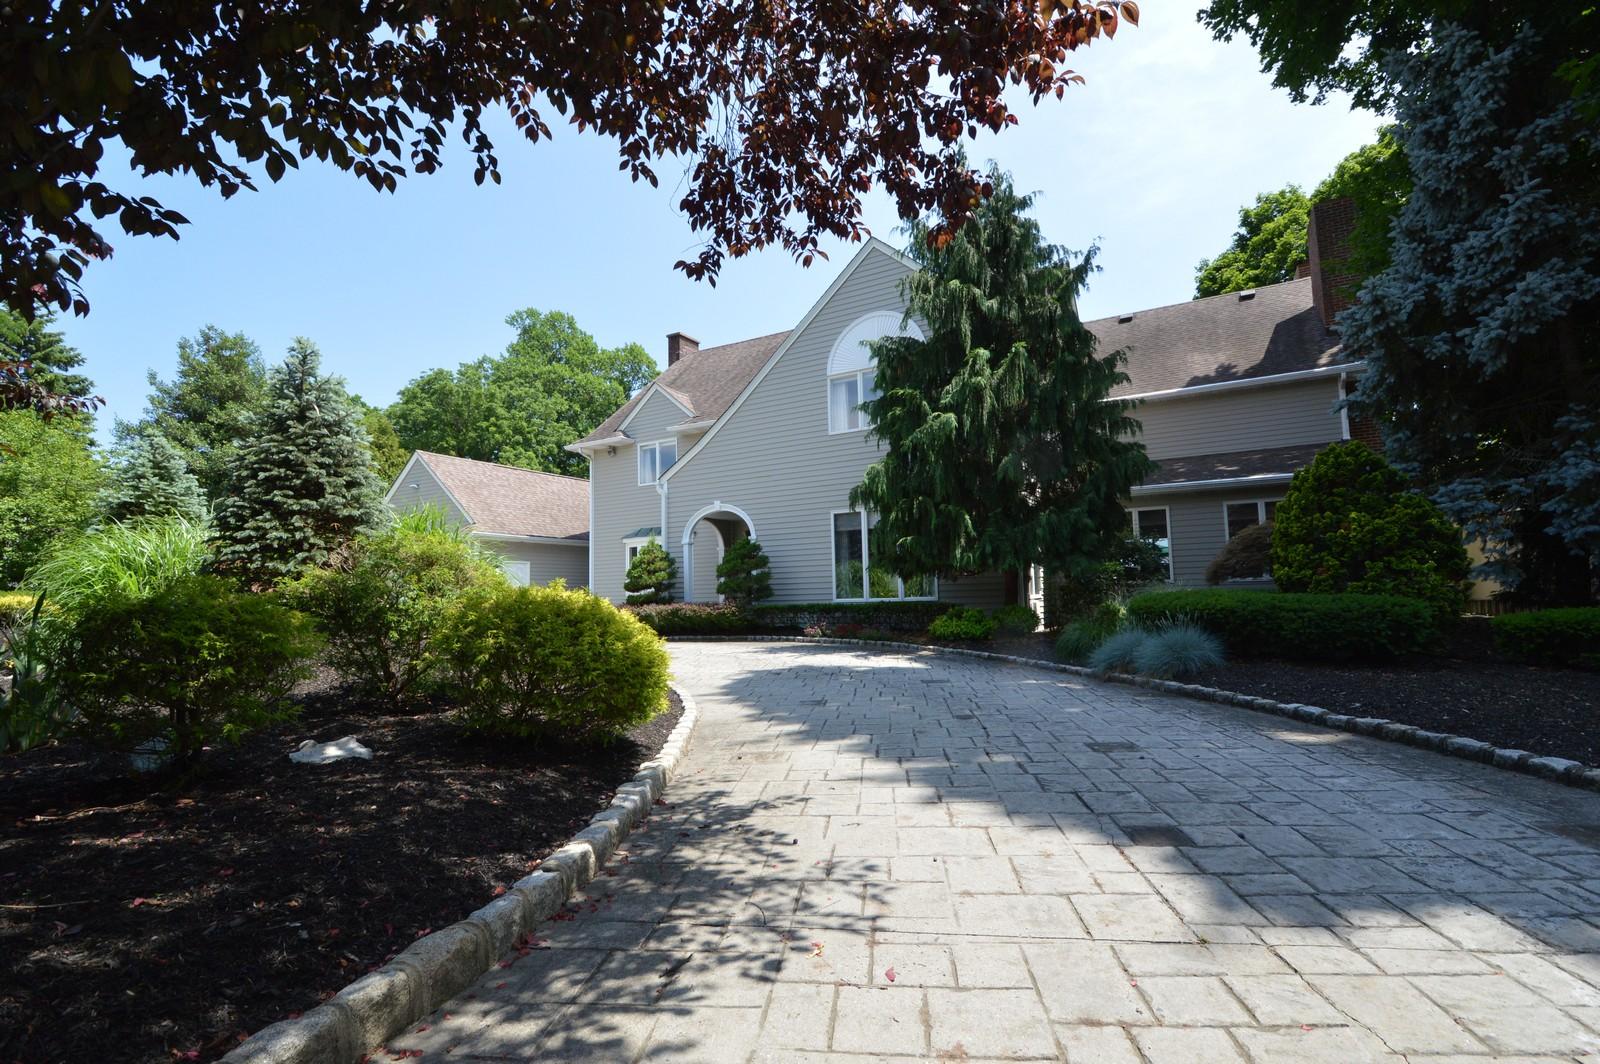 Maison unifamiliale pour l Vente à Tranquility Awaits 46 Conover Ln Middletown, New Jersey 07748 États-Unis